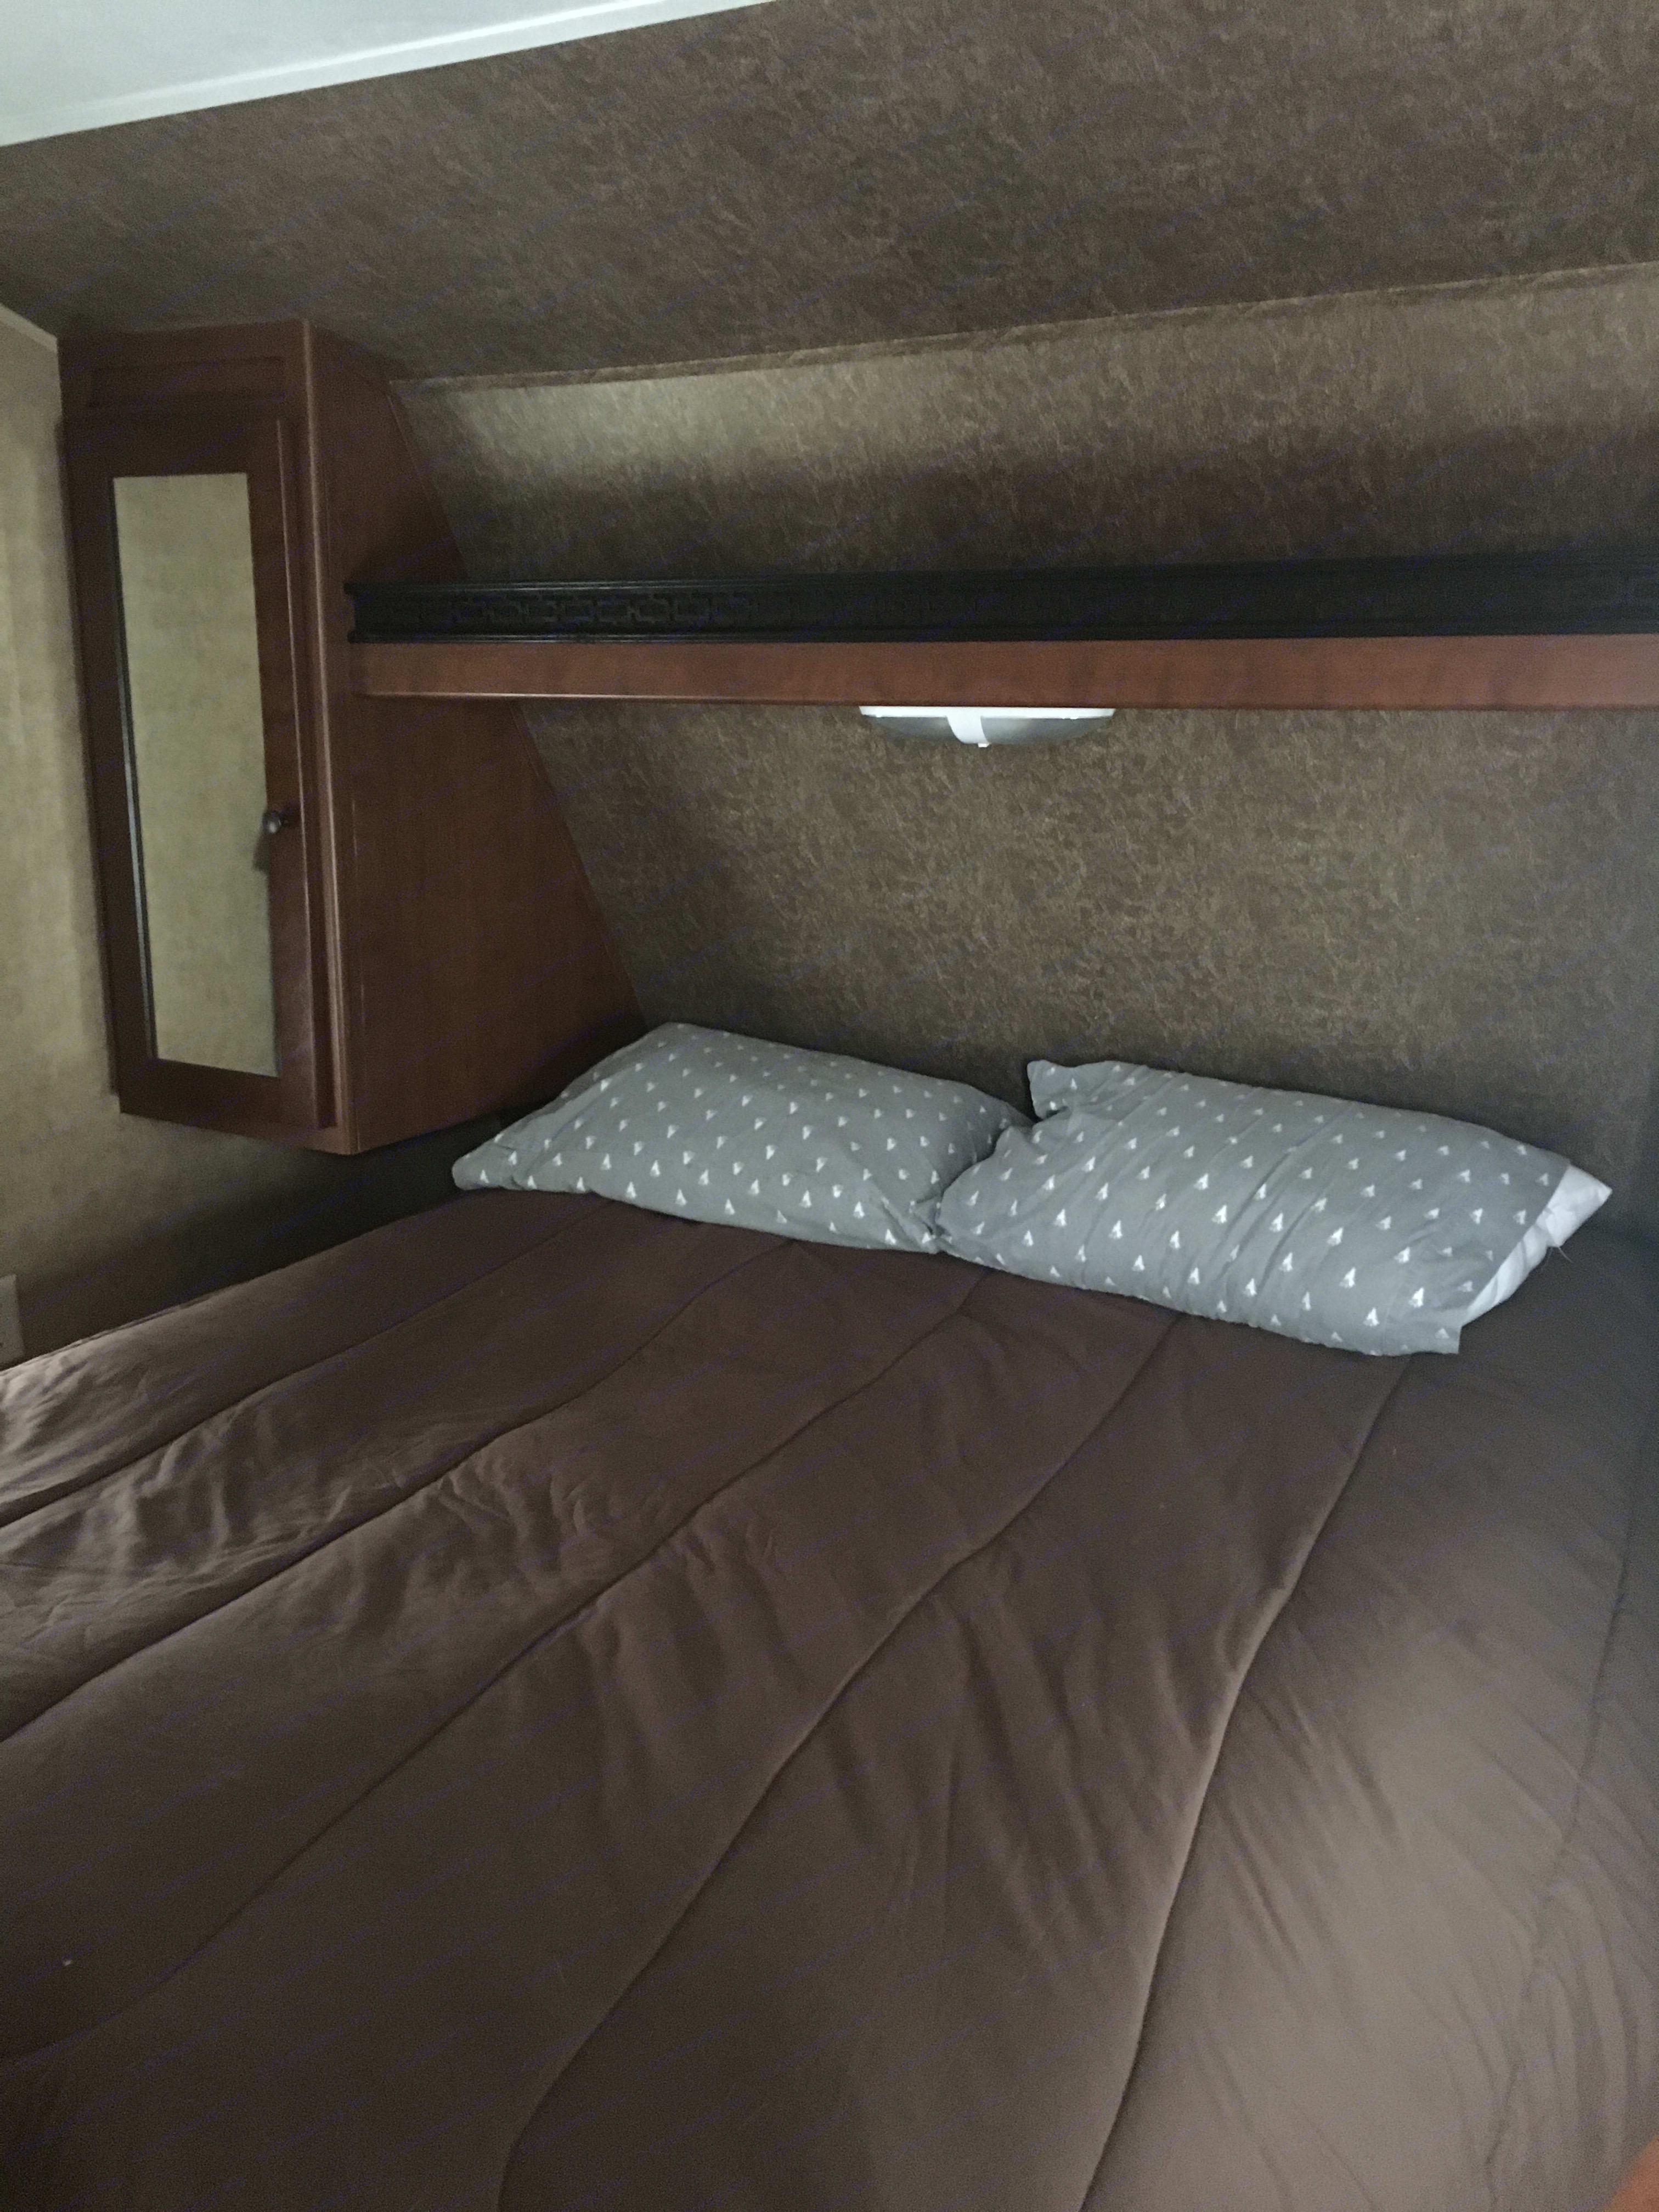 Private Master Bedroom. Dutchmen Aspen Trail 2013